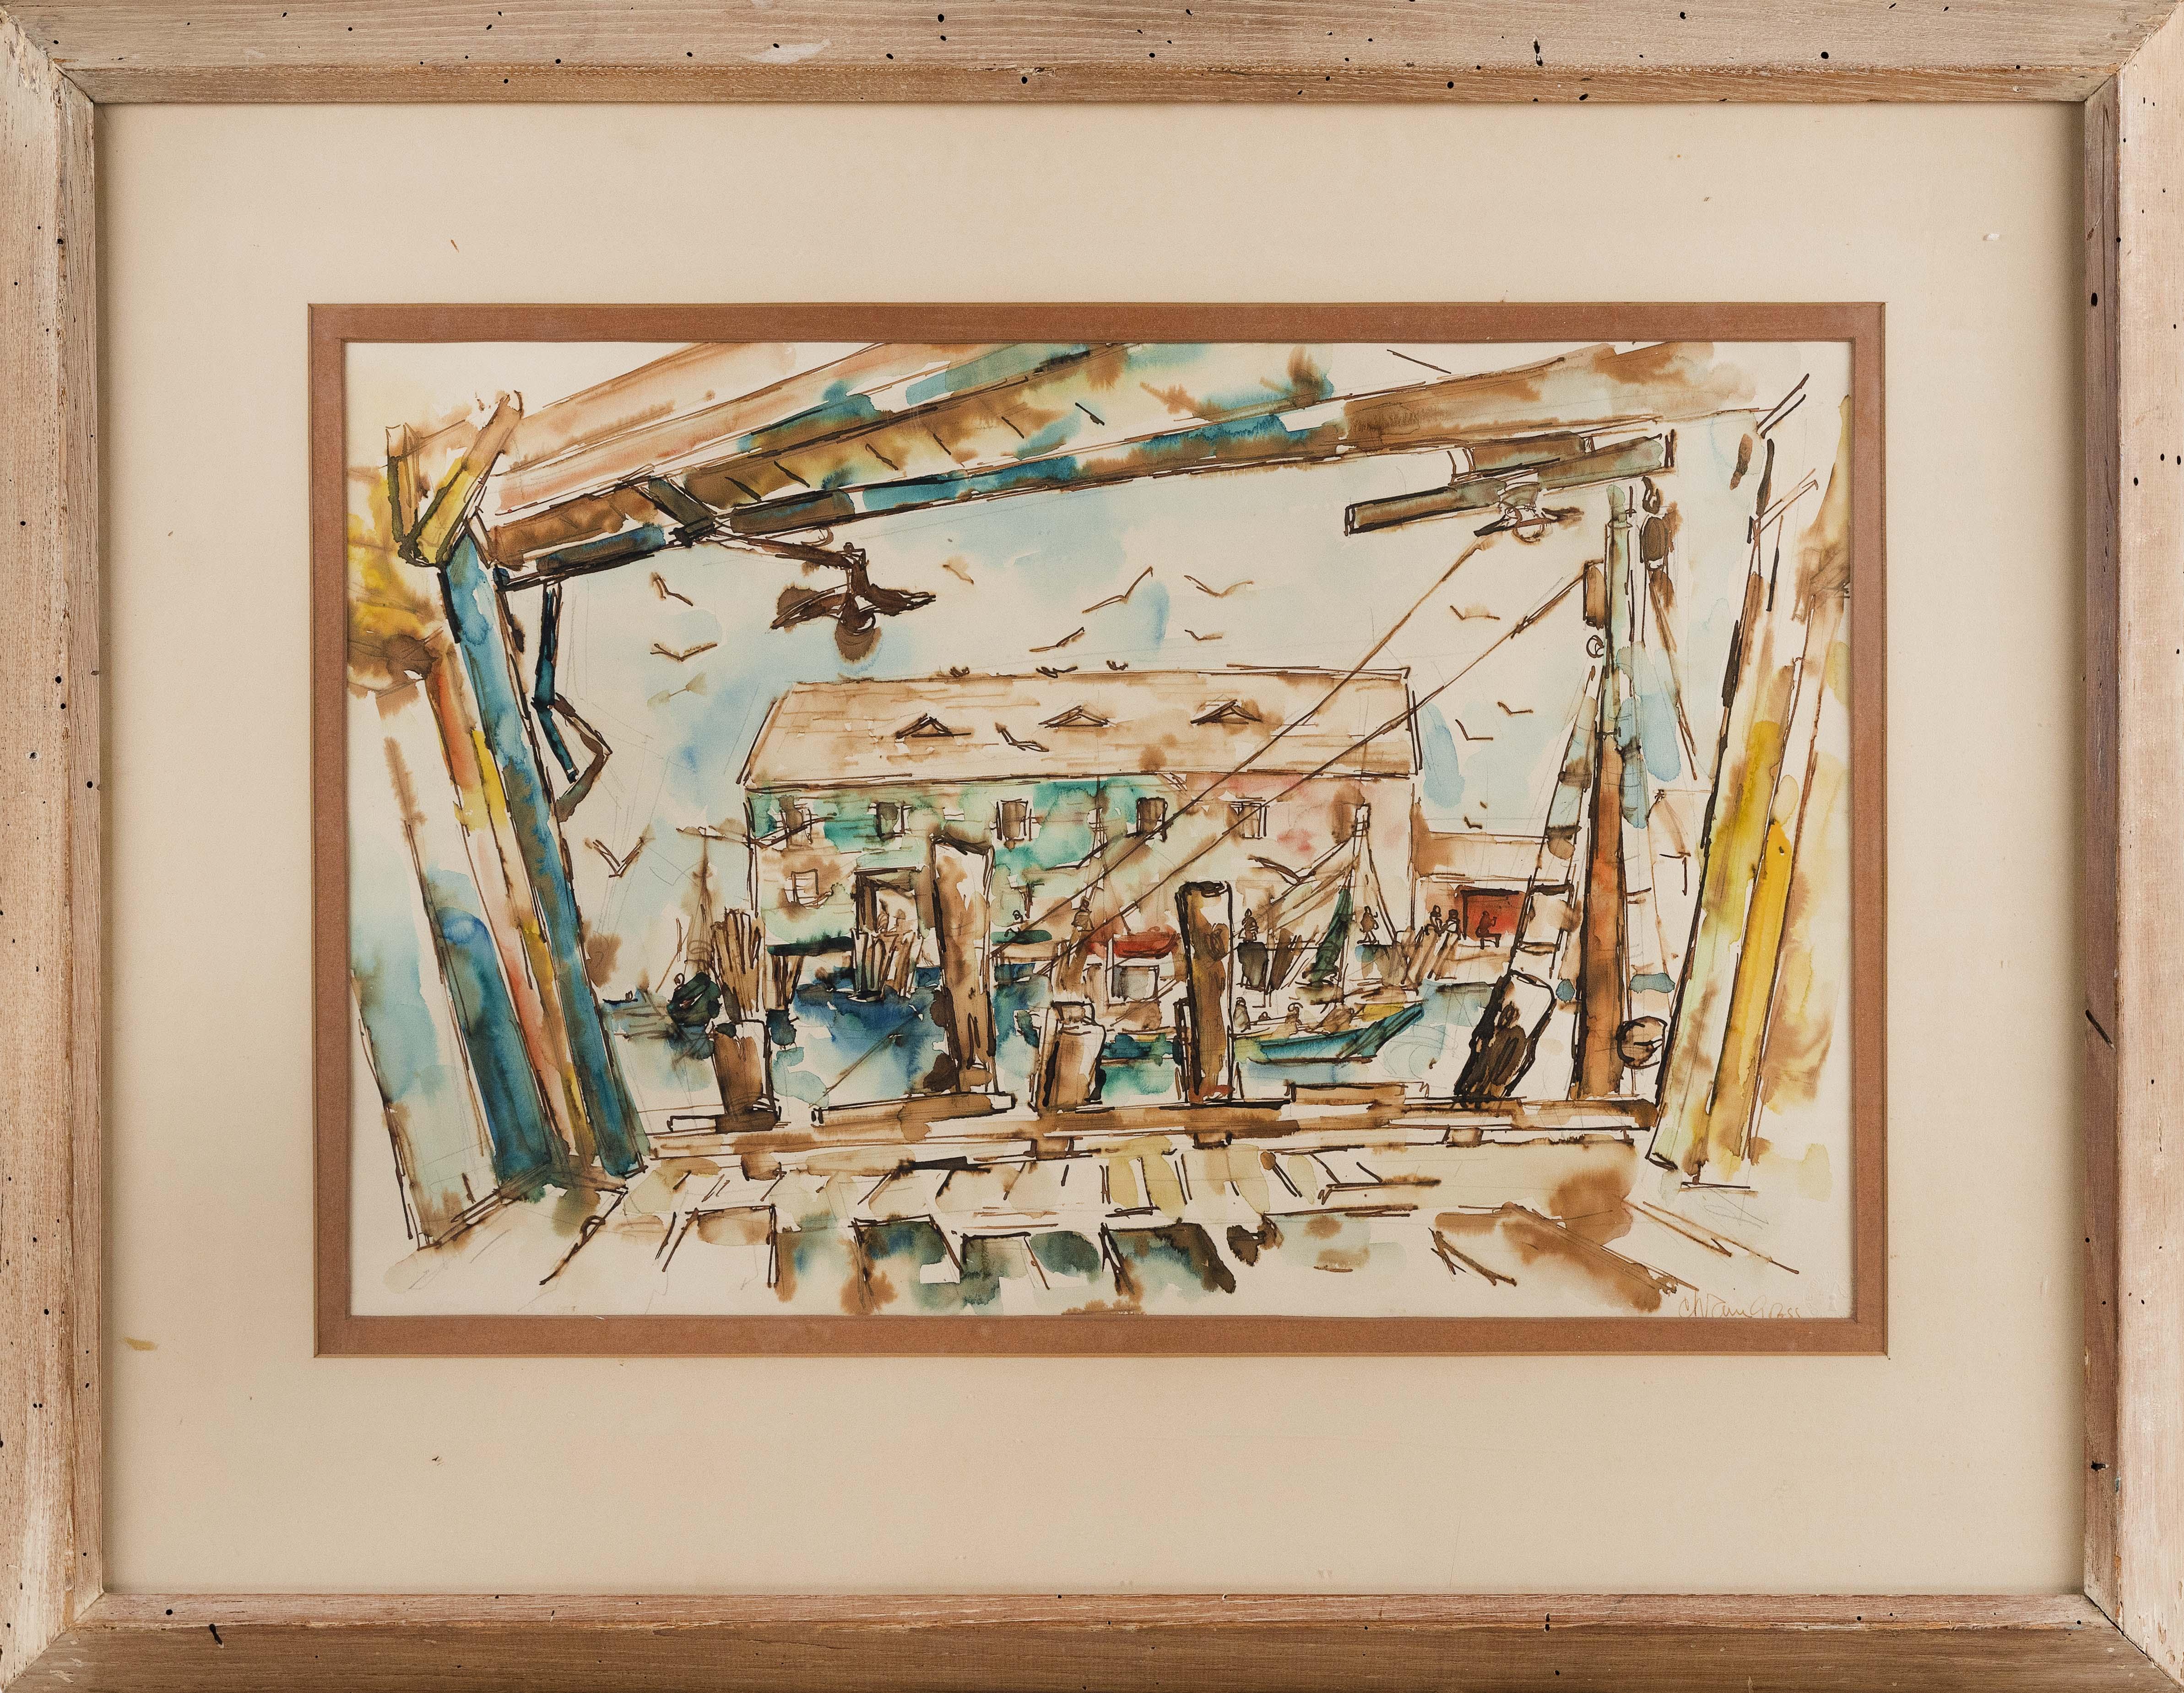 CHAIM GROSS (New York/Massachusetts/Austria/Poland, 1904-1991), Dock scene, Provincetown, Massachusetts., Watercolor on paper, 15